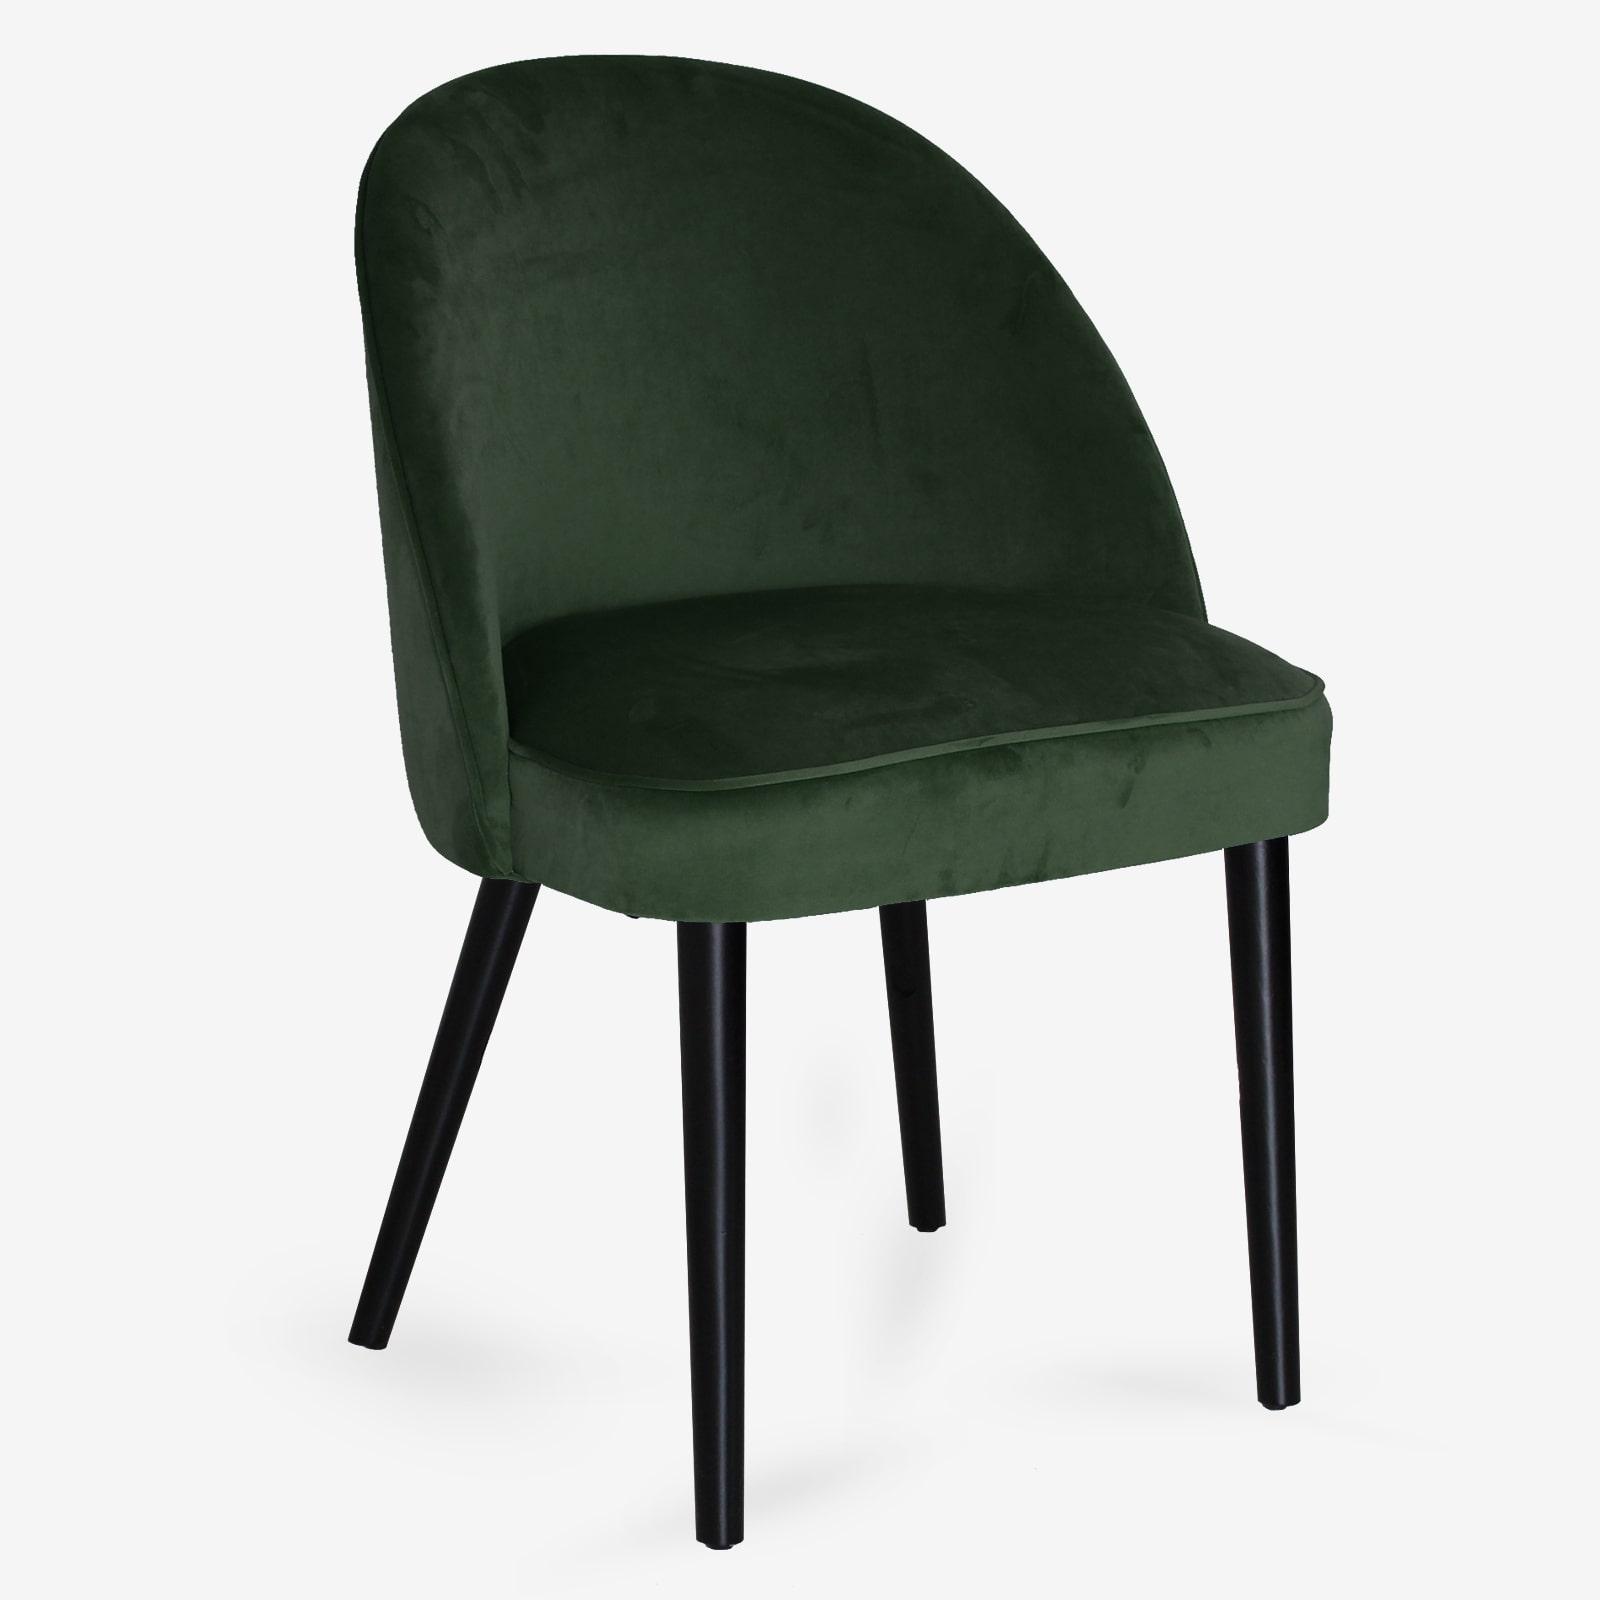 Sedie Moderne Legno.Sedia In Velluto Verde Con Gambe In Legno Massello Di Faggio